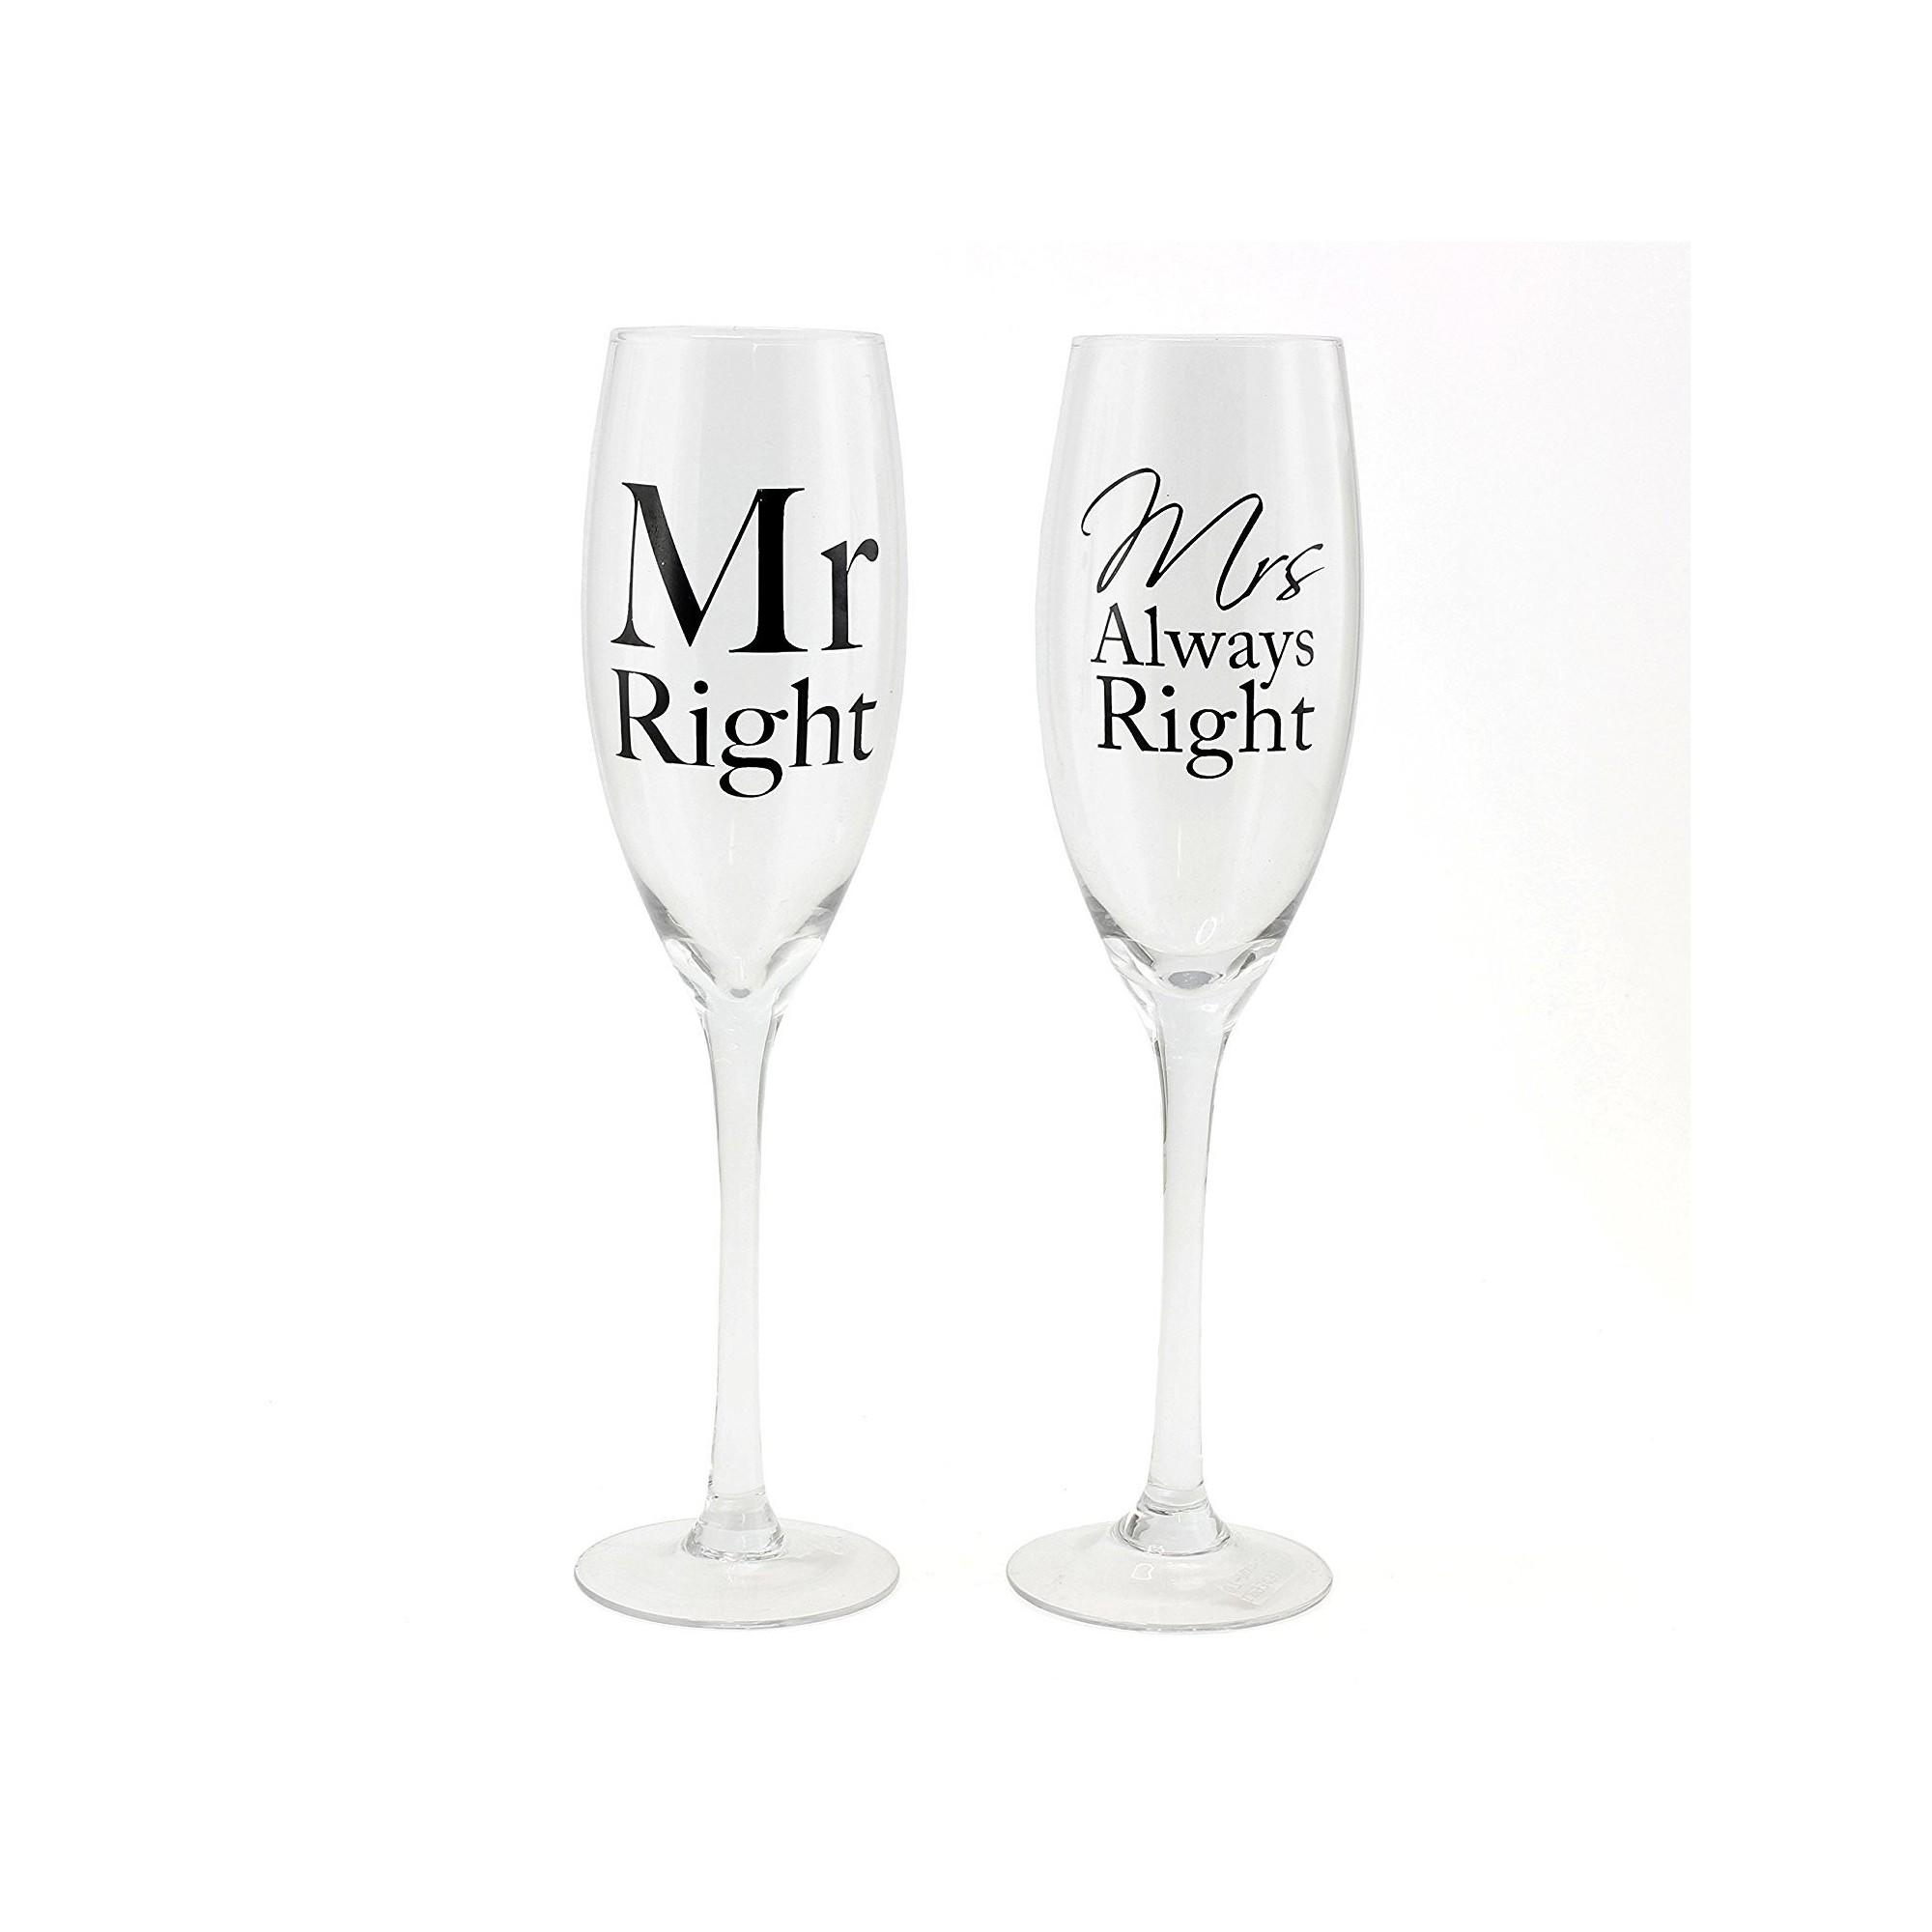 """Ποτήρια Σαμπάνιας """"Mr Right & Mrs Always Right"""" (ΣΕΤ/2) - LWG-2589"""